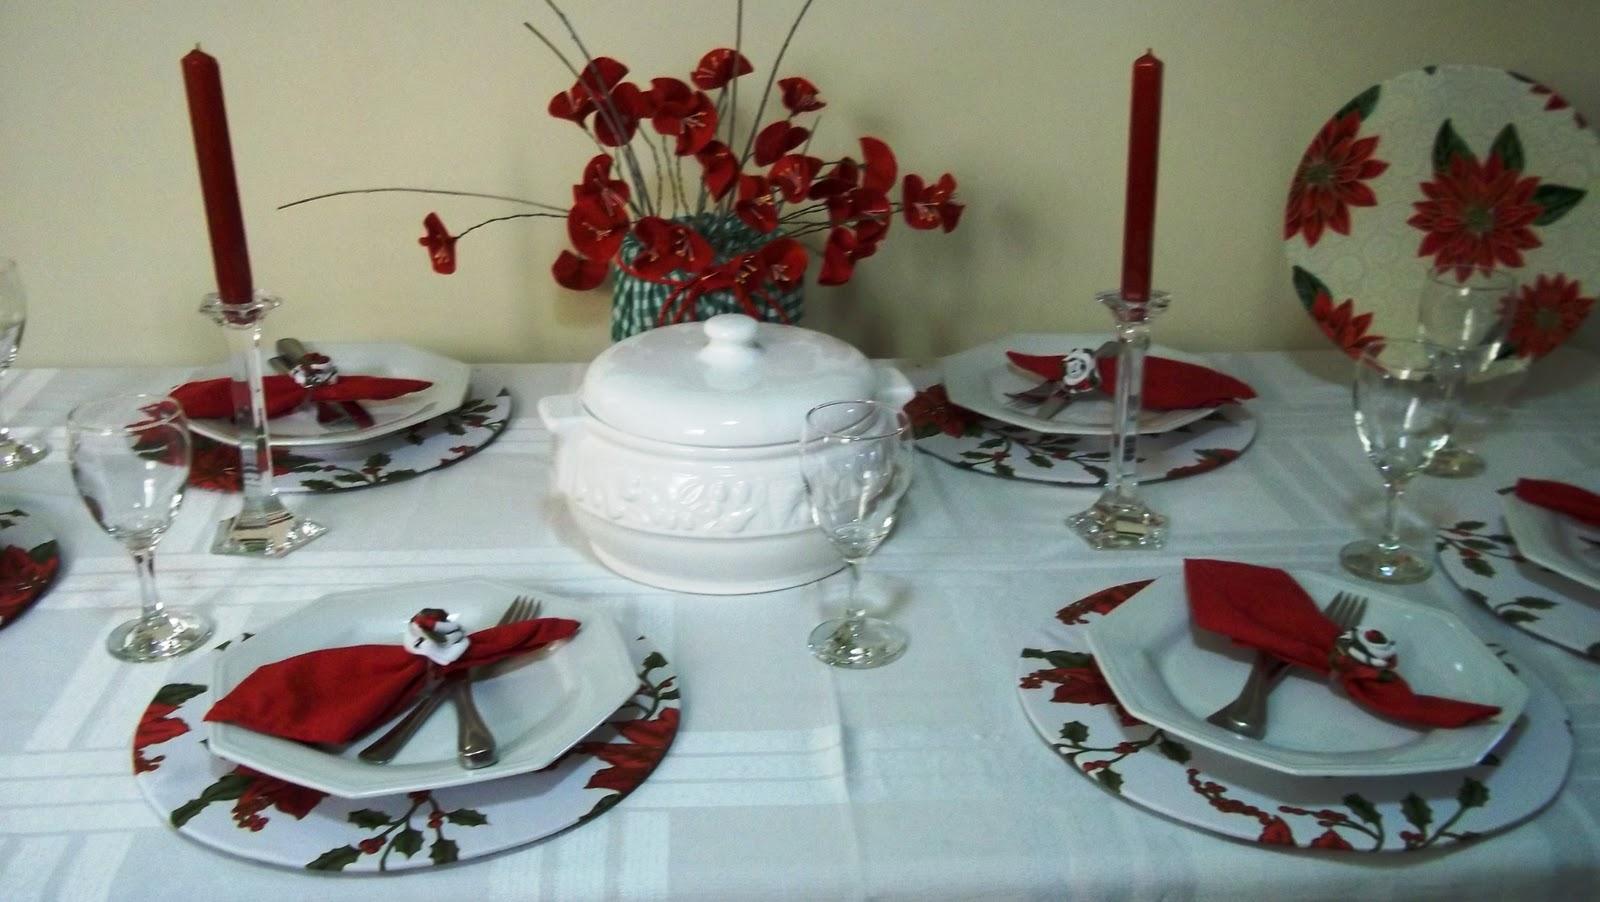 Sousplast em MDF com aplicação de tecido, prato de apoio do prato